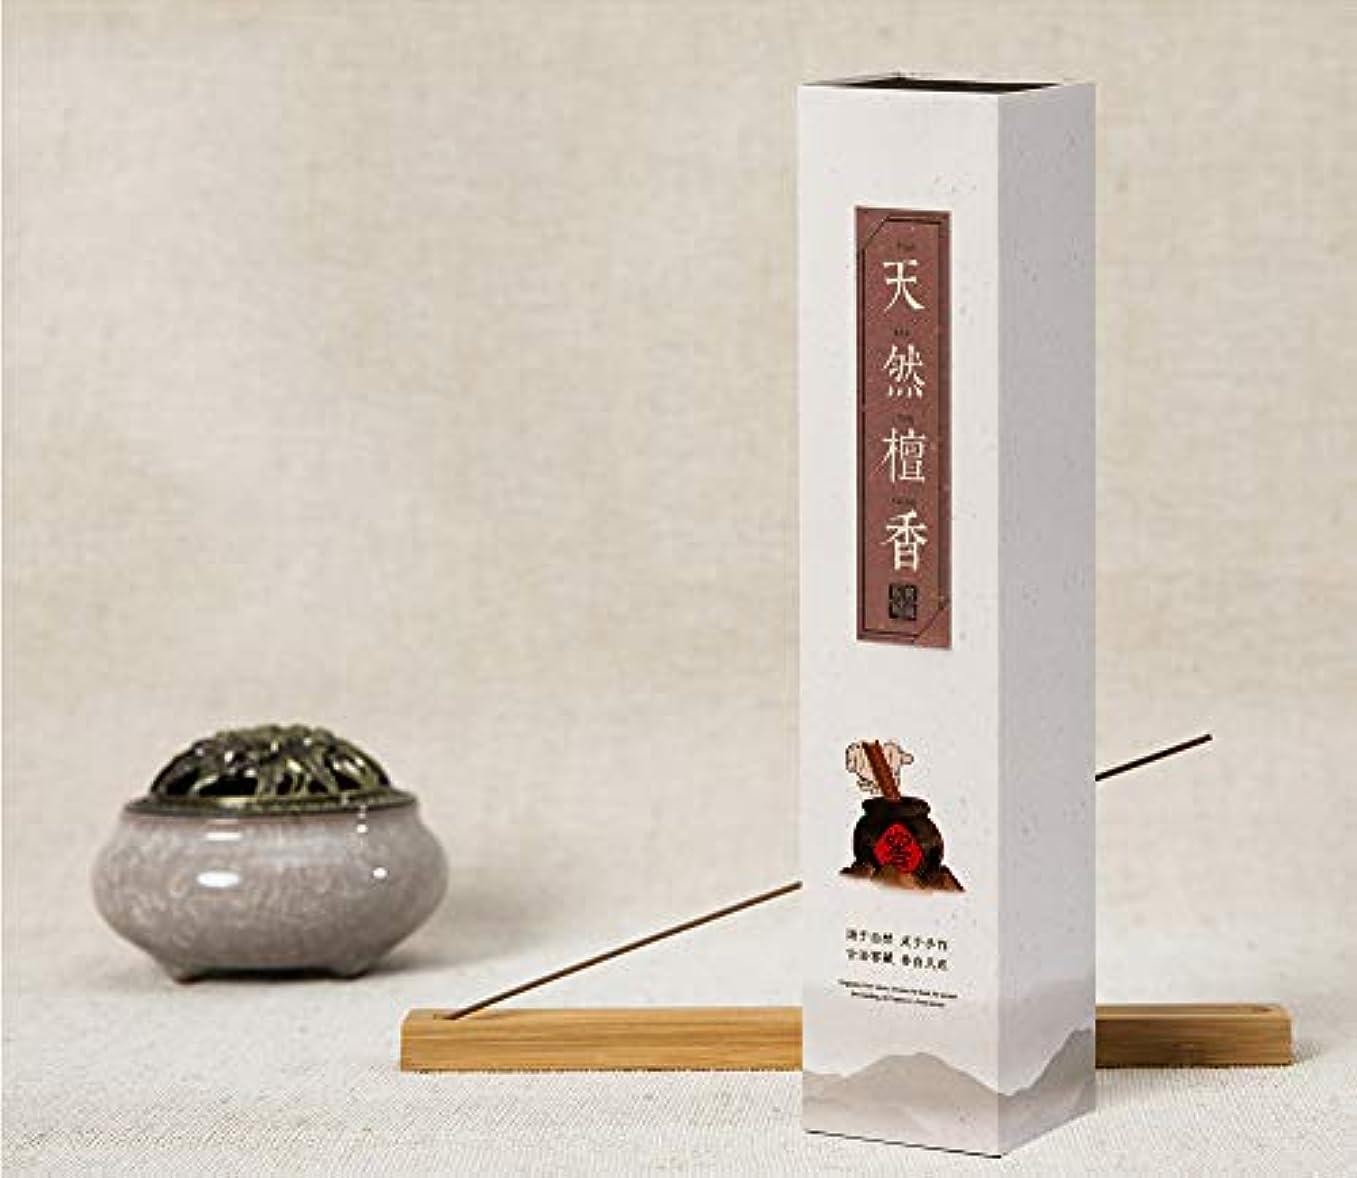 影響力のあるあたたかいイタリアのHwaGui - お線香 天然檀香 インセンス 香るスティック 養心安神 お香ギフト 21cm 0.75時間